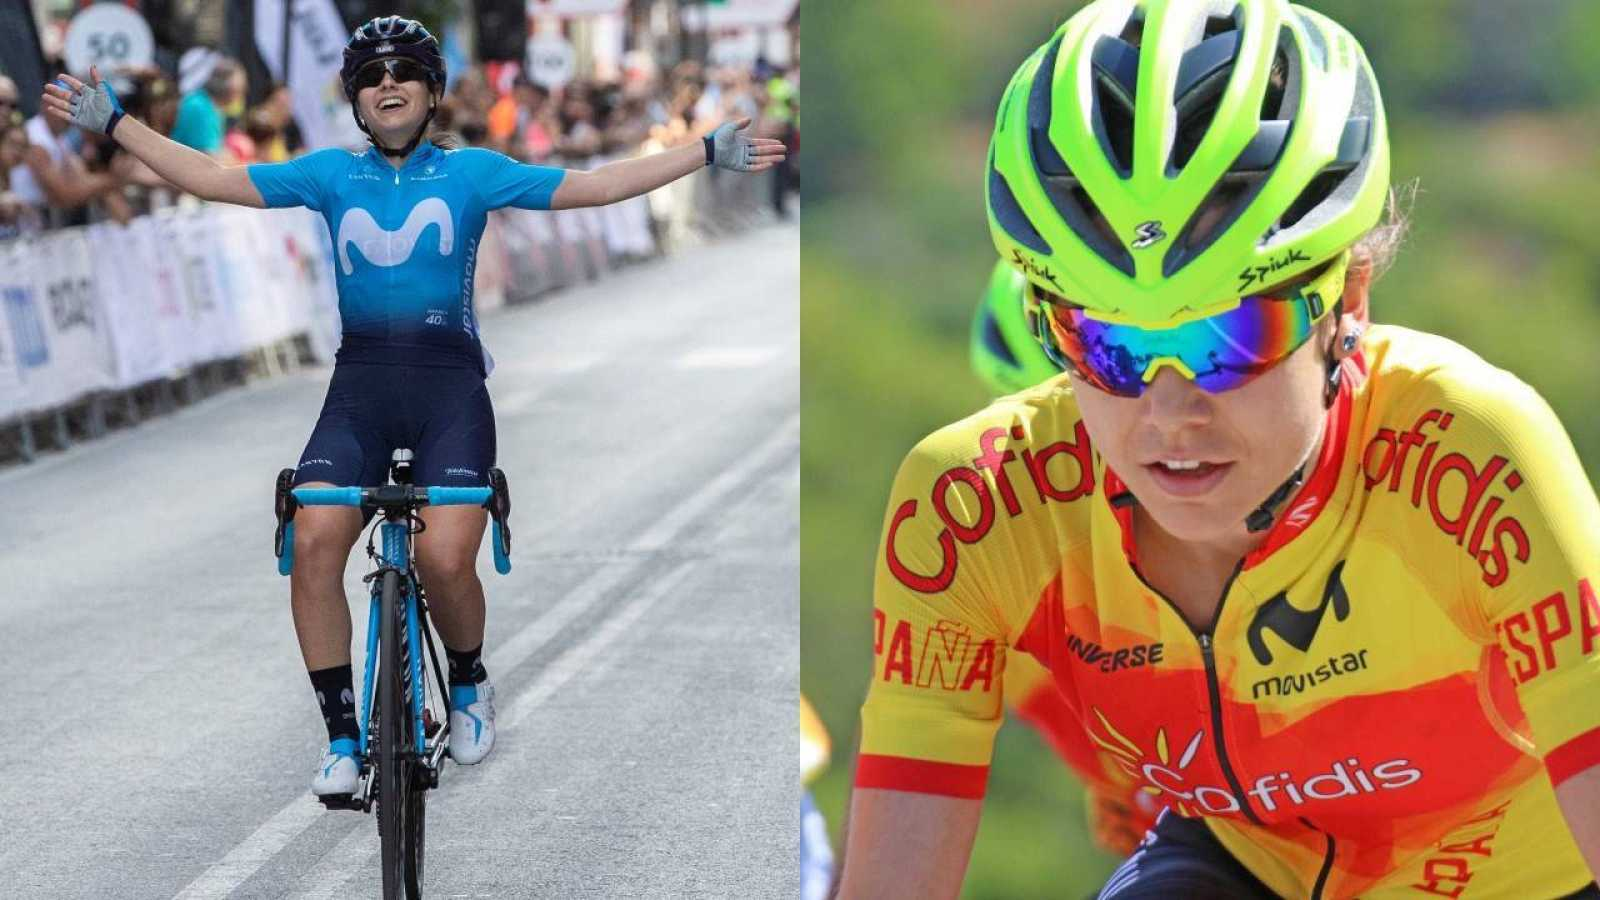 La ciclista del Movistar Team, Lourdes Oyarbide, (i) y la ciclista del Team Sopela, Sara Martín (d)